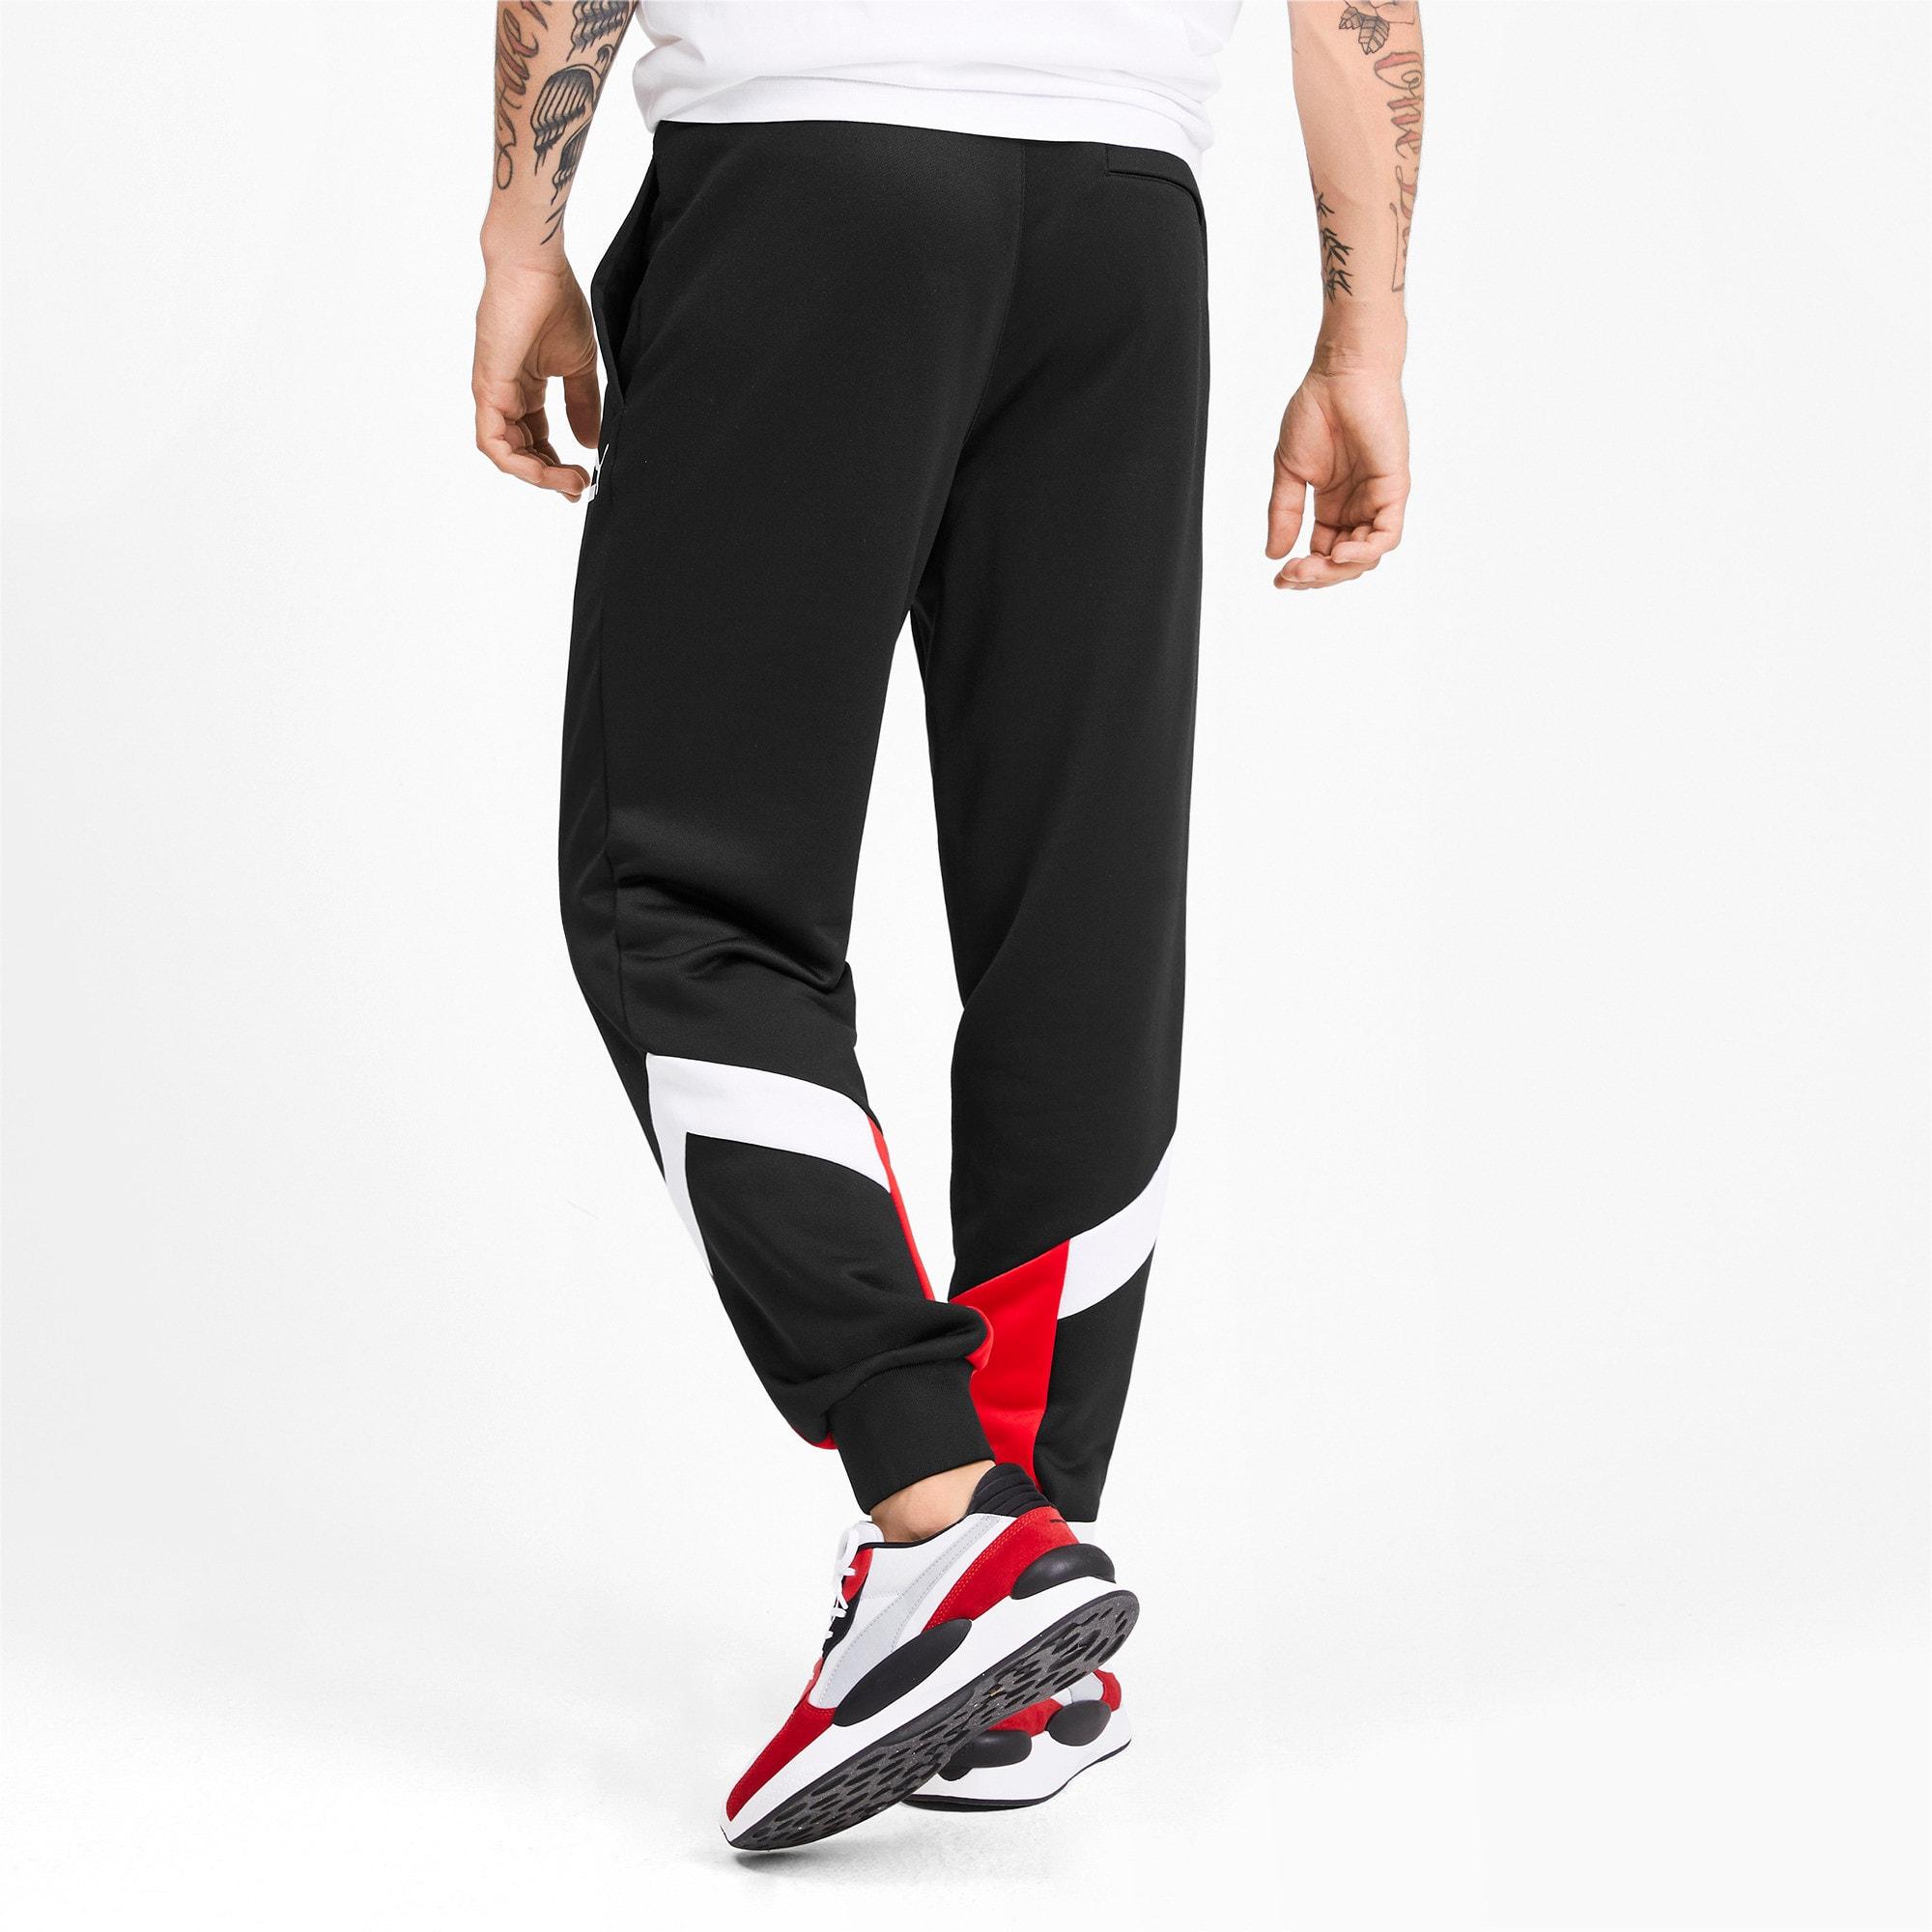 Thumbnail 2 of Iconic MCS Men's Track Pants, Puma Black-Red combo, medium